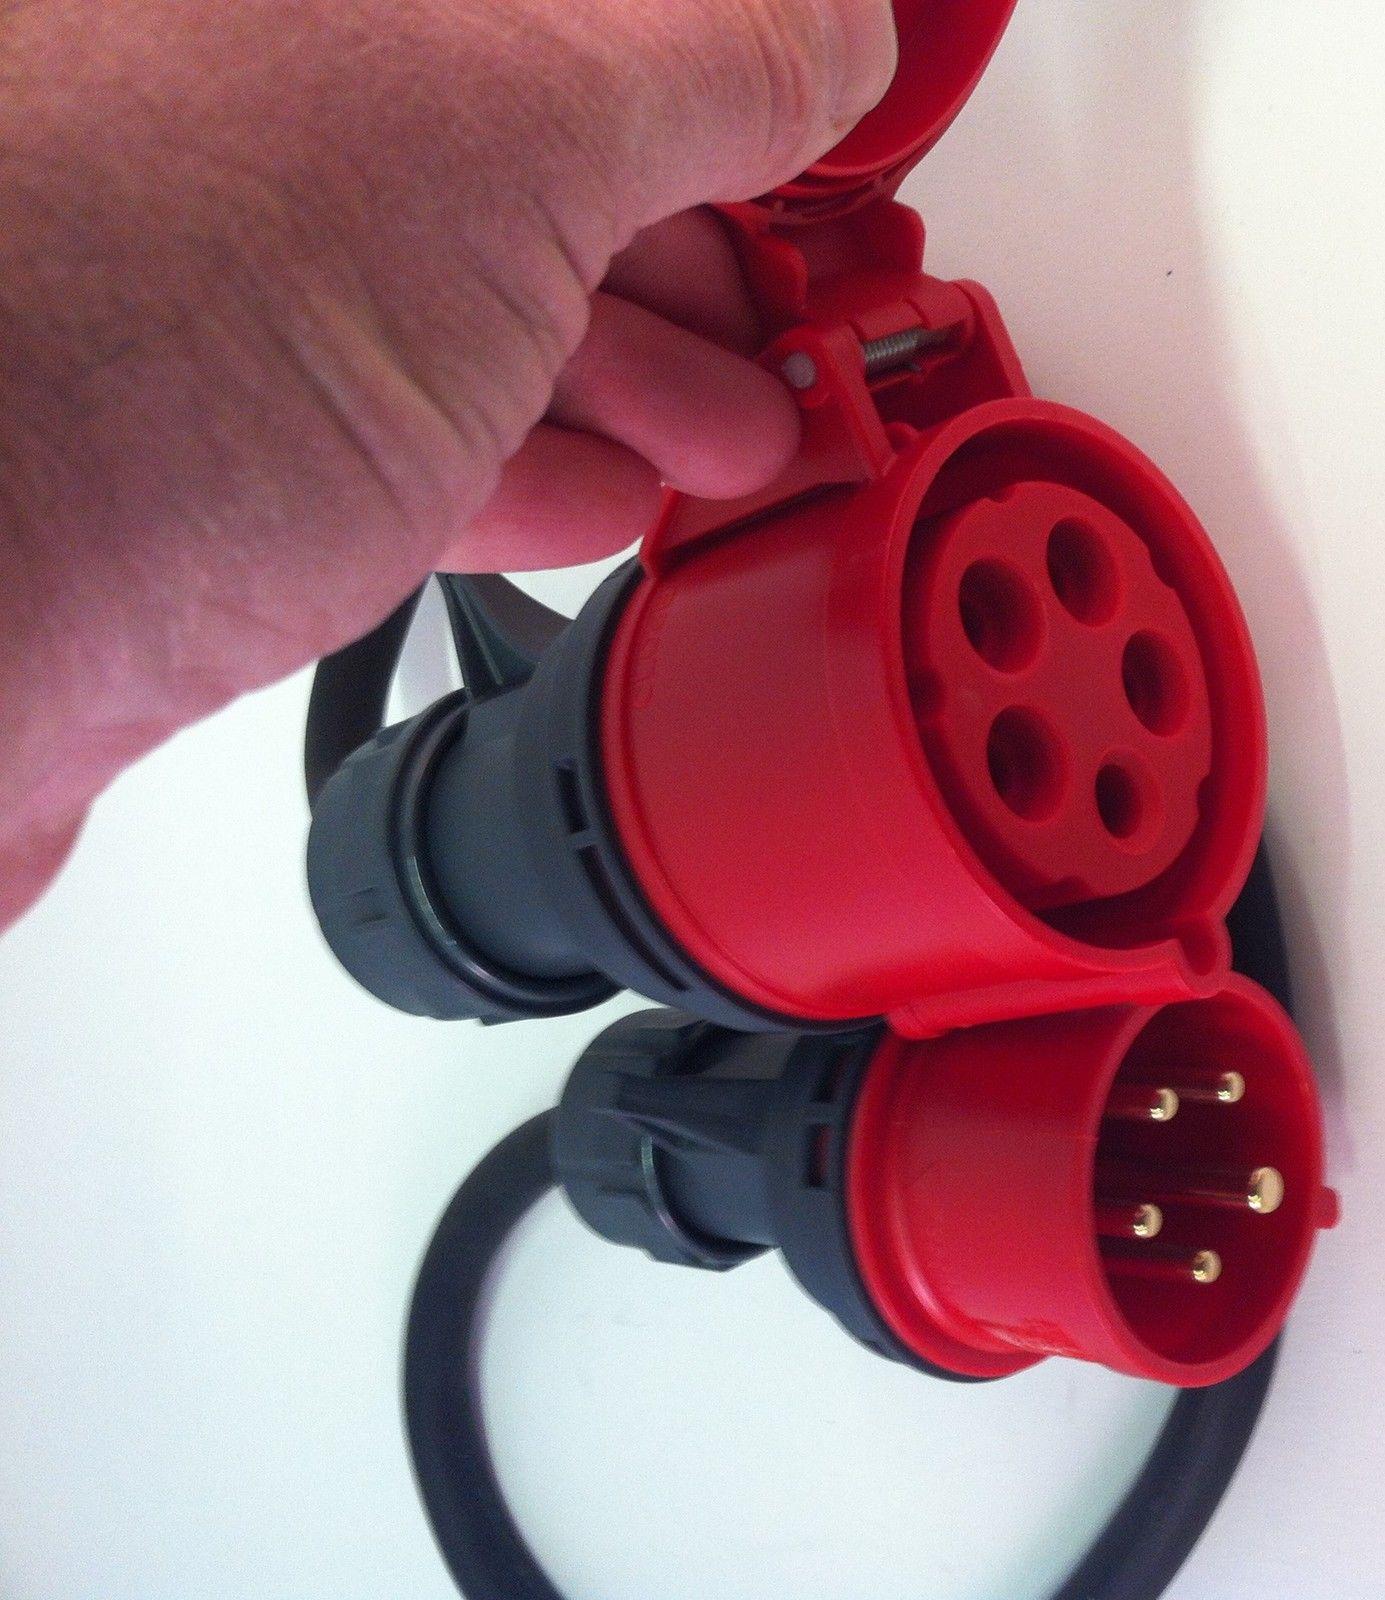 Sehr megashop365.de - CEE Adapter Starkstrom 16 A Stecker auf 32 A Kupplung CA95